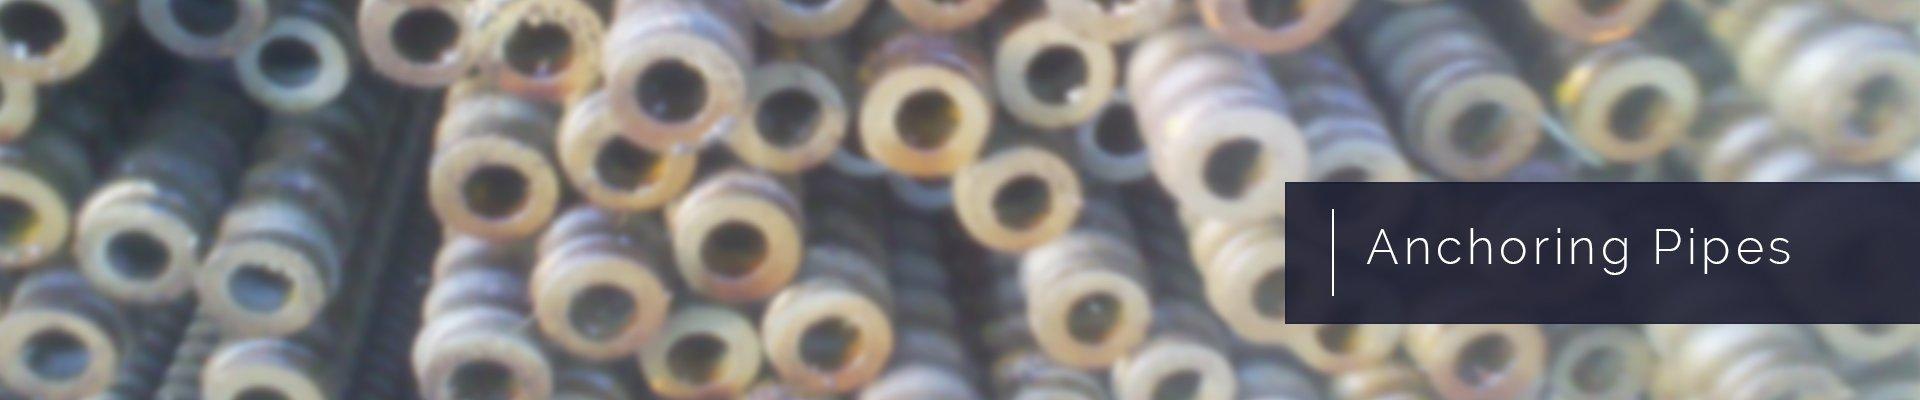 gbgtr-sondaj-borulari-2